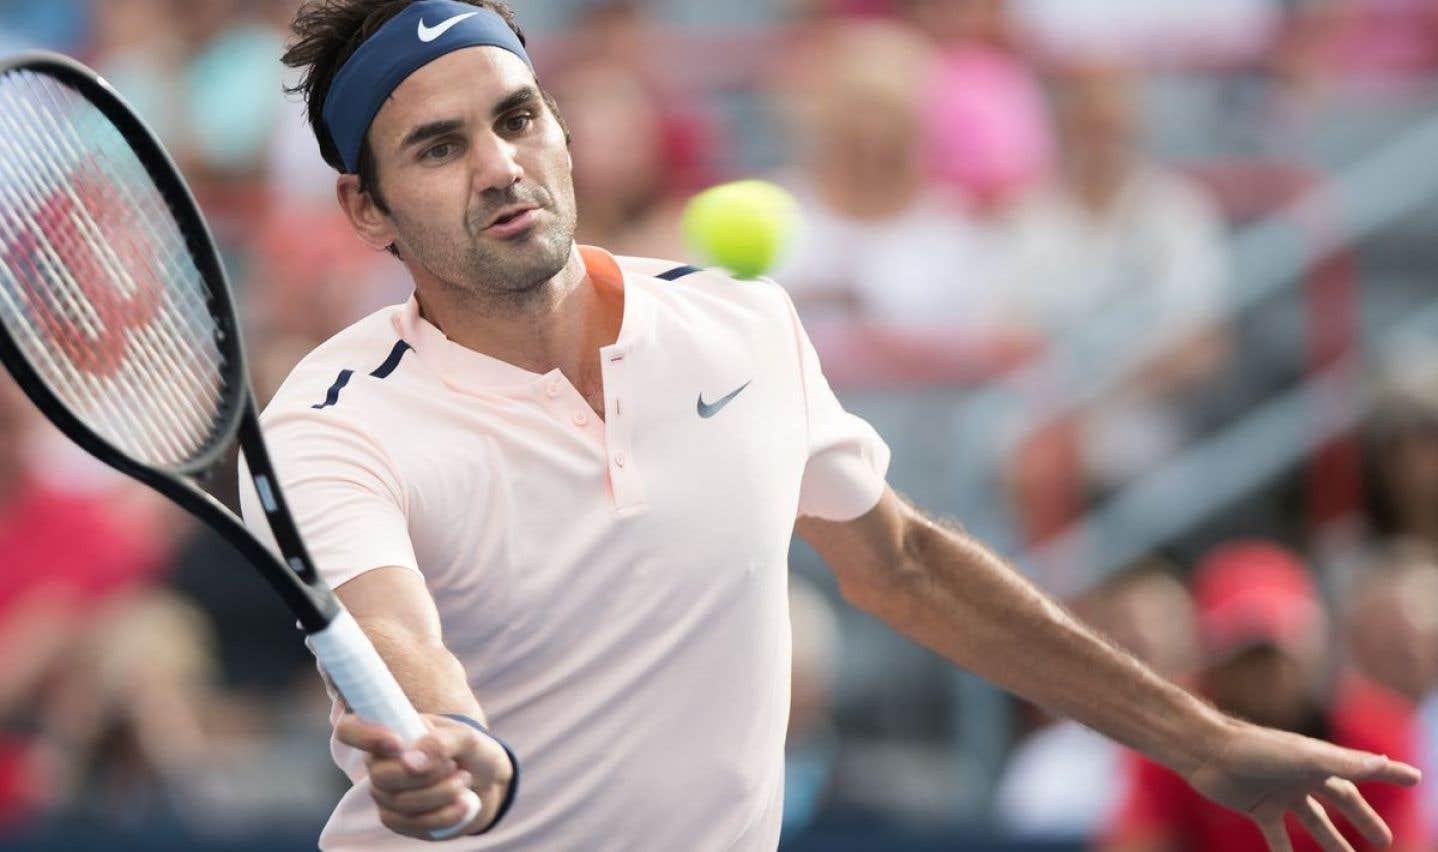 Federer prend la mesure de Ferrer en trois manches